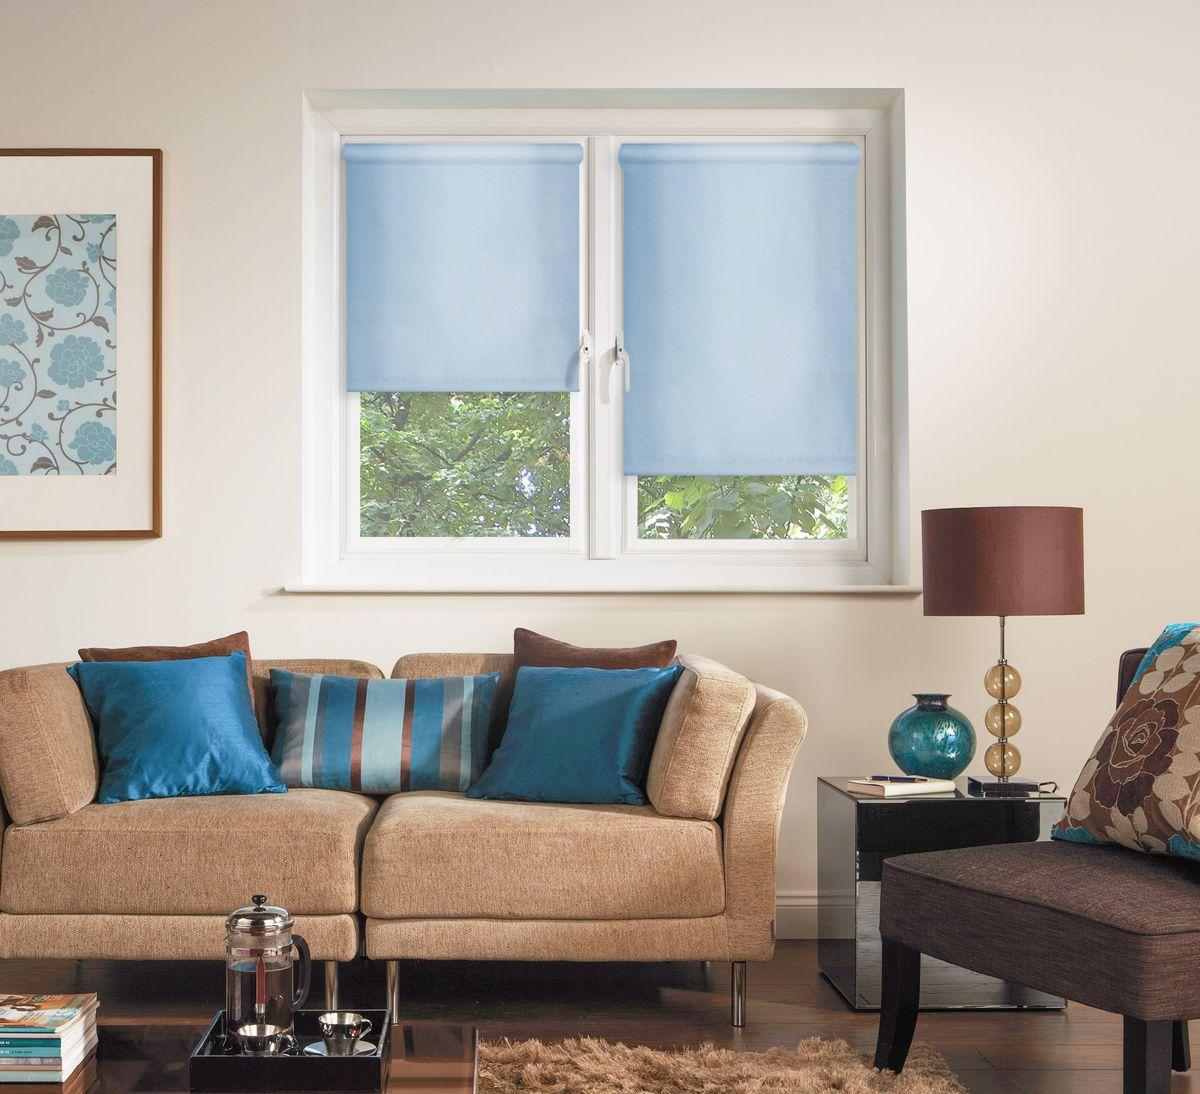 Штора рулонная Эскар Миниролло, цвет: голубой, ширина 37 см, высота 170 см38021083160Рулонная штора Эскар Миниролло выполнена из высокопрочной ткани, которая сохраняет свой размер даже при намокании. Ткань не выцветает и обладает отличной цветоустойчивостью.Миниролло - это подвид рулонных штор, который закрывает не весь оконный проем, а непосредственно само стекло. Такие шторы крепятся на раму без сверления при помощи зажимов или клейкой двухсторонней ленты (в комплекте). Окно остается на гарантии, благодаря монтажу без сверления. Такая штора станет прекрасным элементом декора окна и гармонично впишется в интерьер любого помещения.